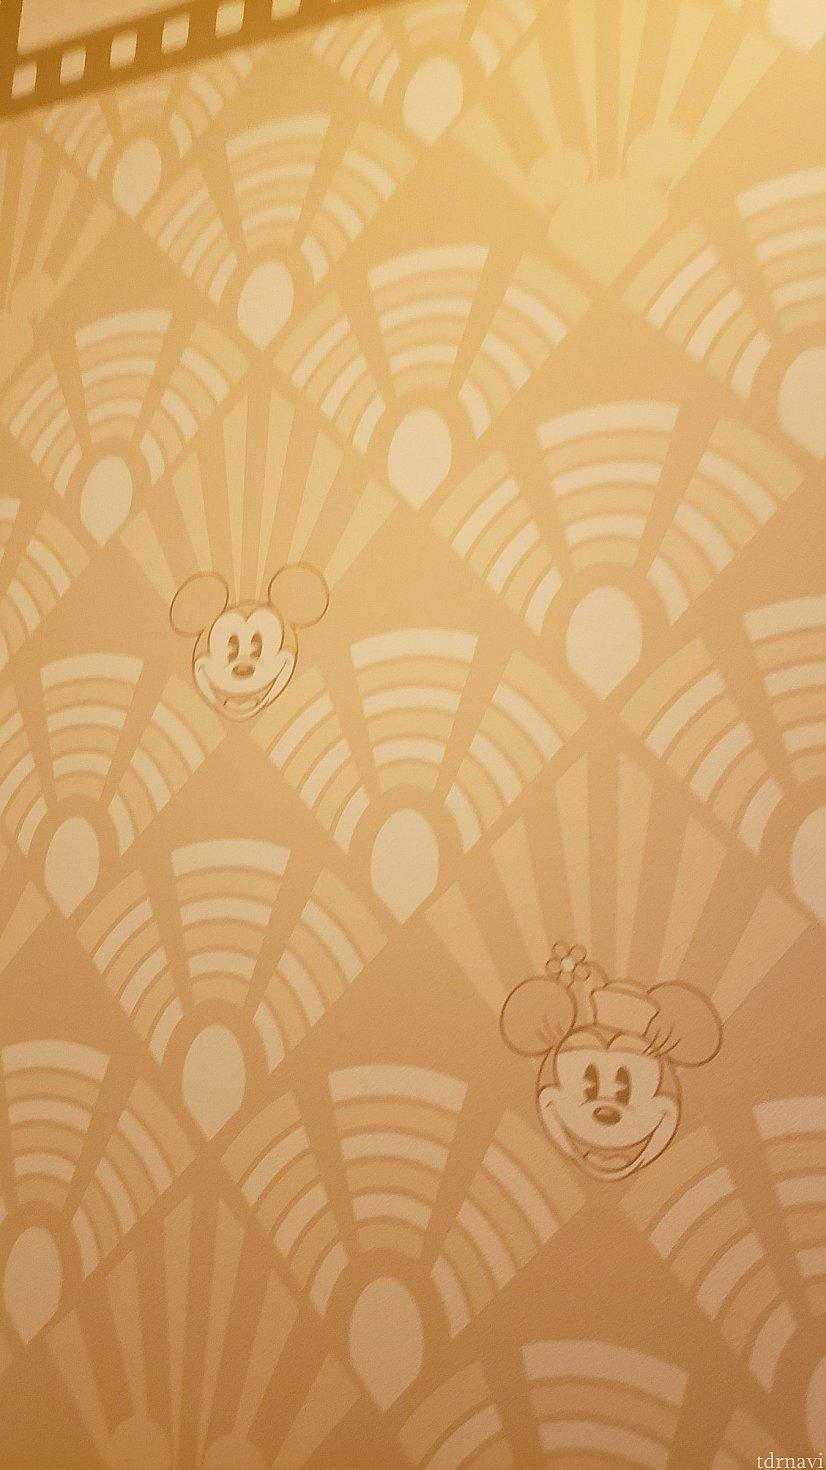 壁紙もミッキー!